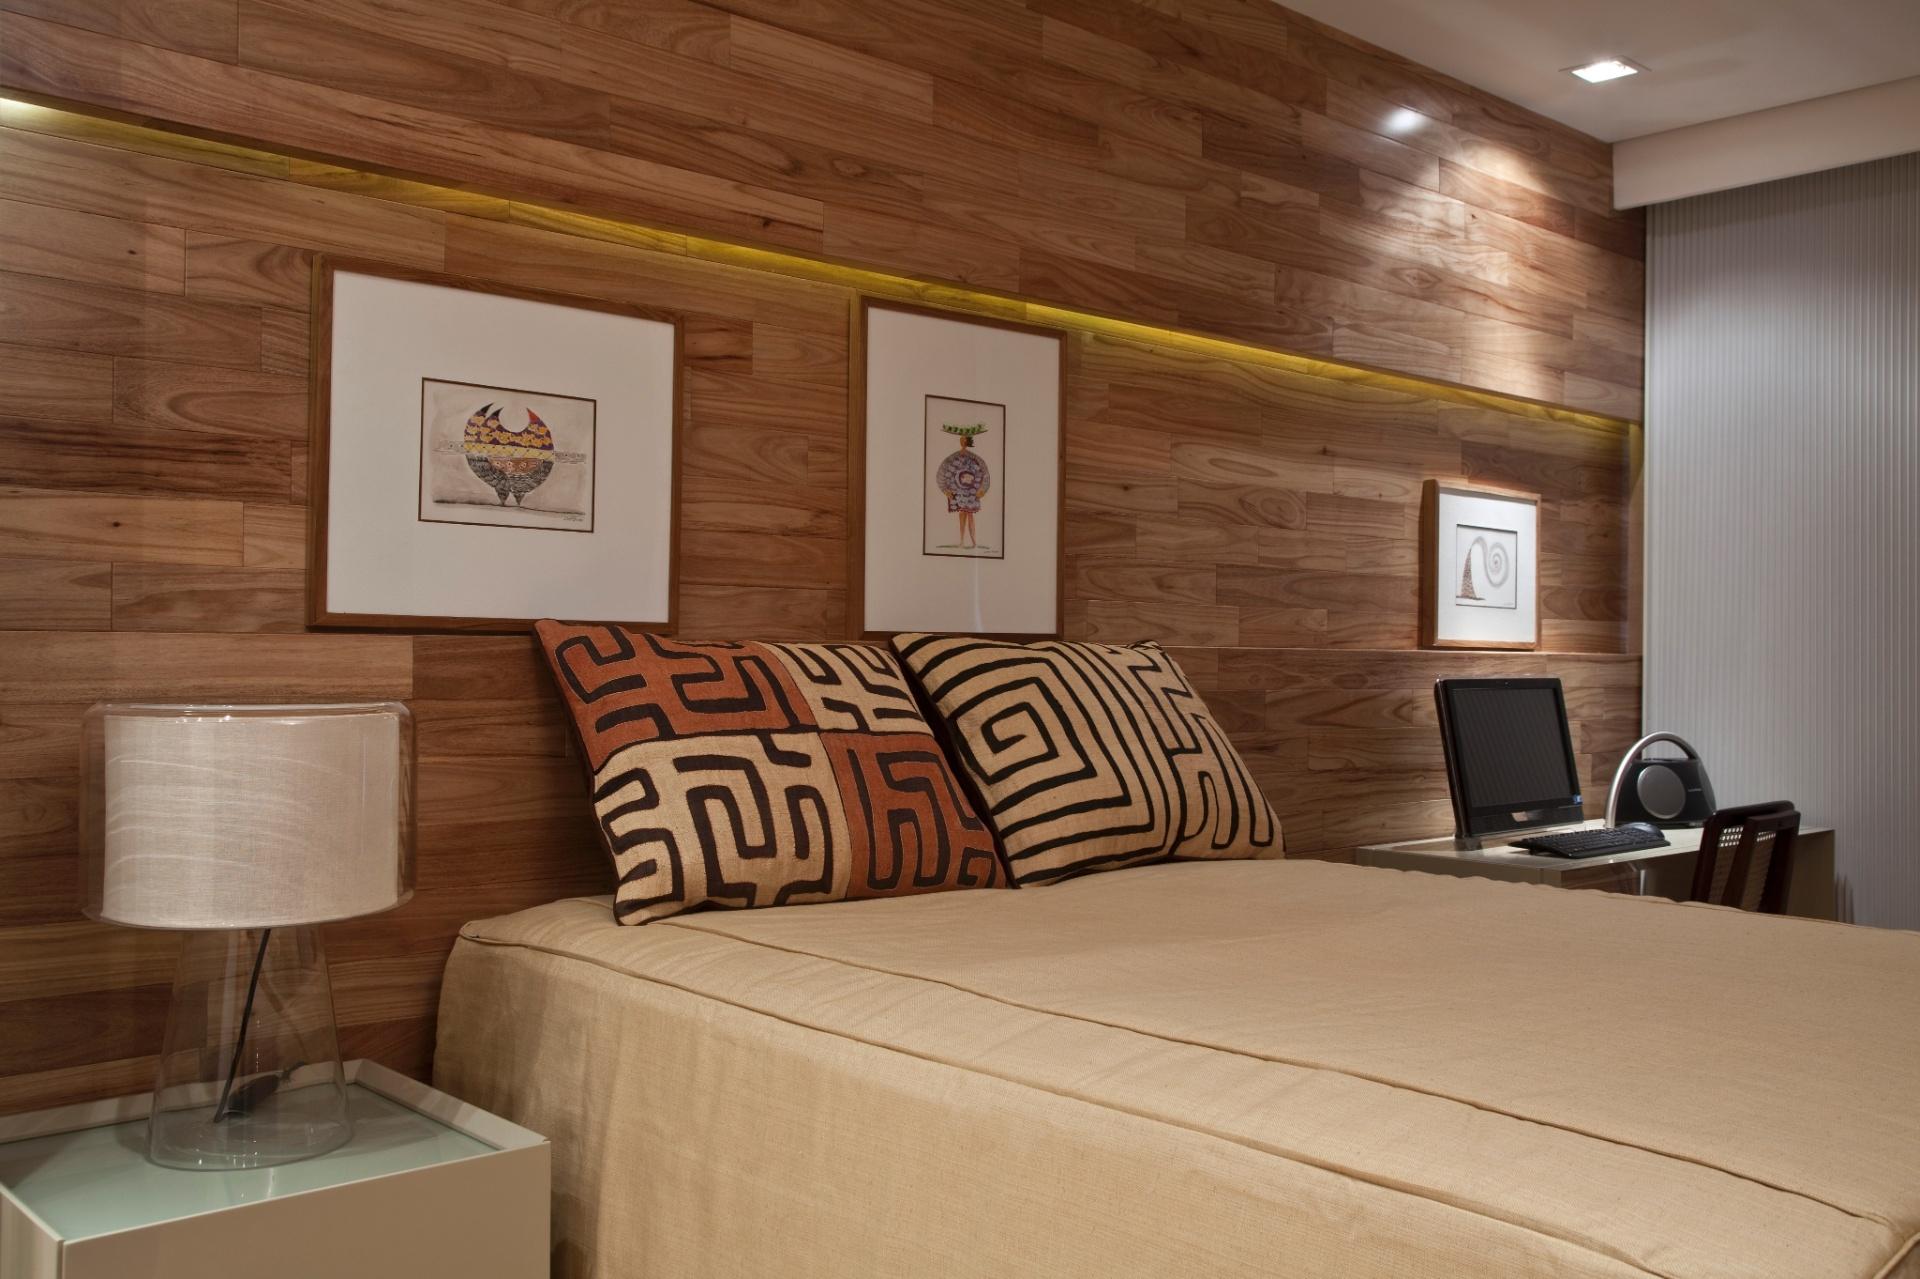 No apartamento Corredor da Vitória 2, com projeto de interiores do arquiteto Sidney Quintela, o painel e mesa em marcenaria (Detalhe) marcam a decoração de um dos quartos. Os quadros são da Leonel Mattos Galeria e a cadeira, Toque da Casa. Todos os enxovais foram comprados em Miami, pela proprietária